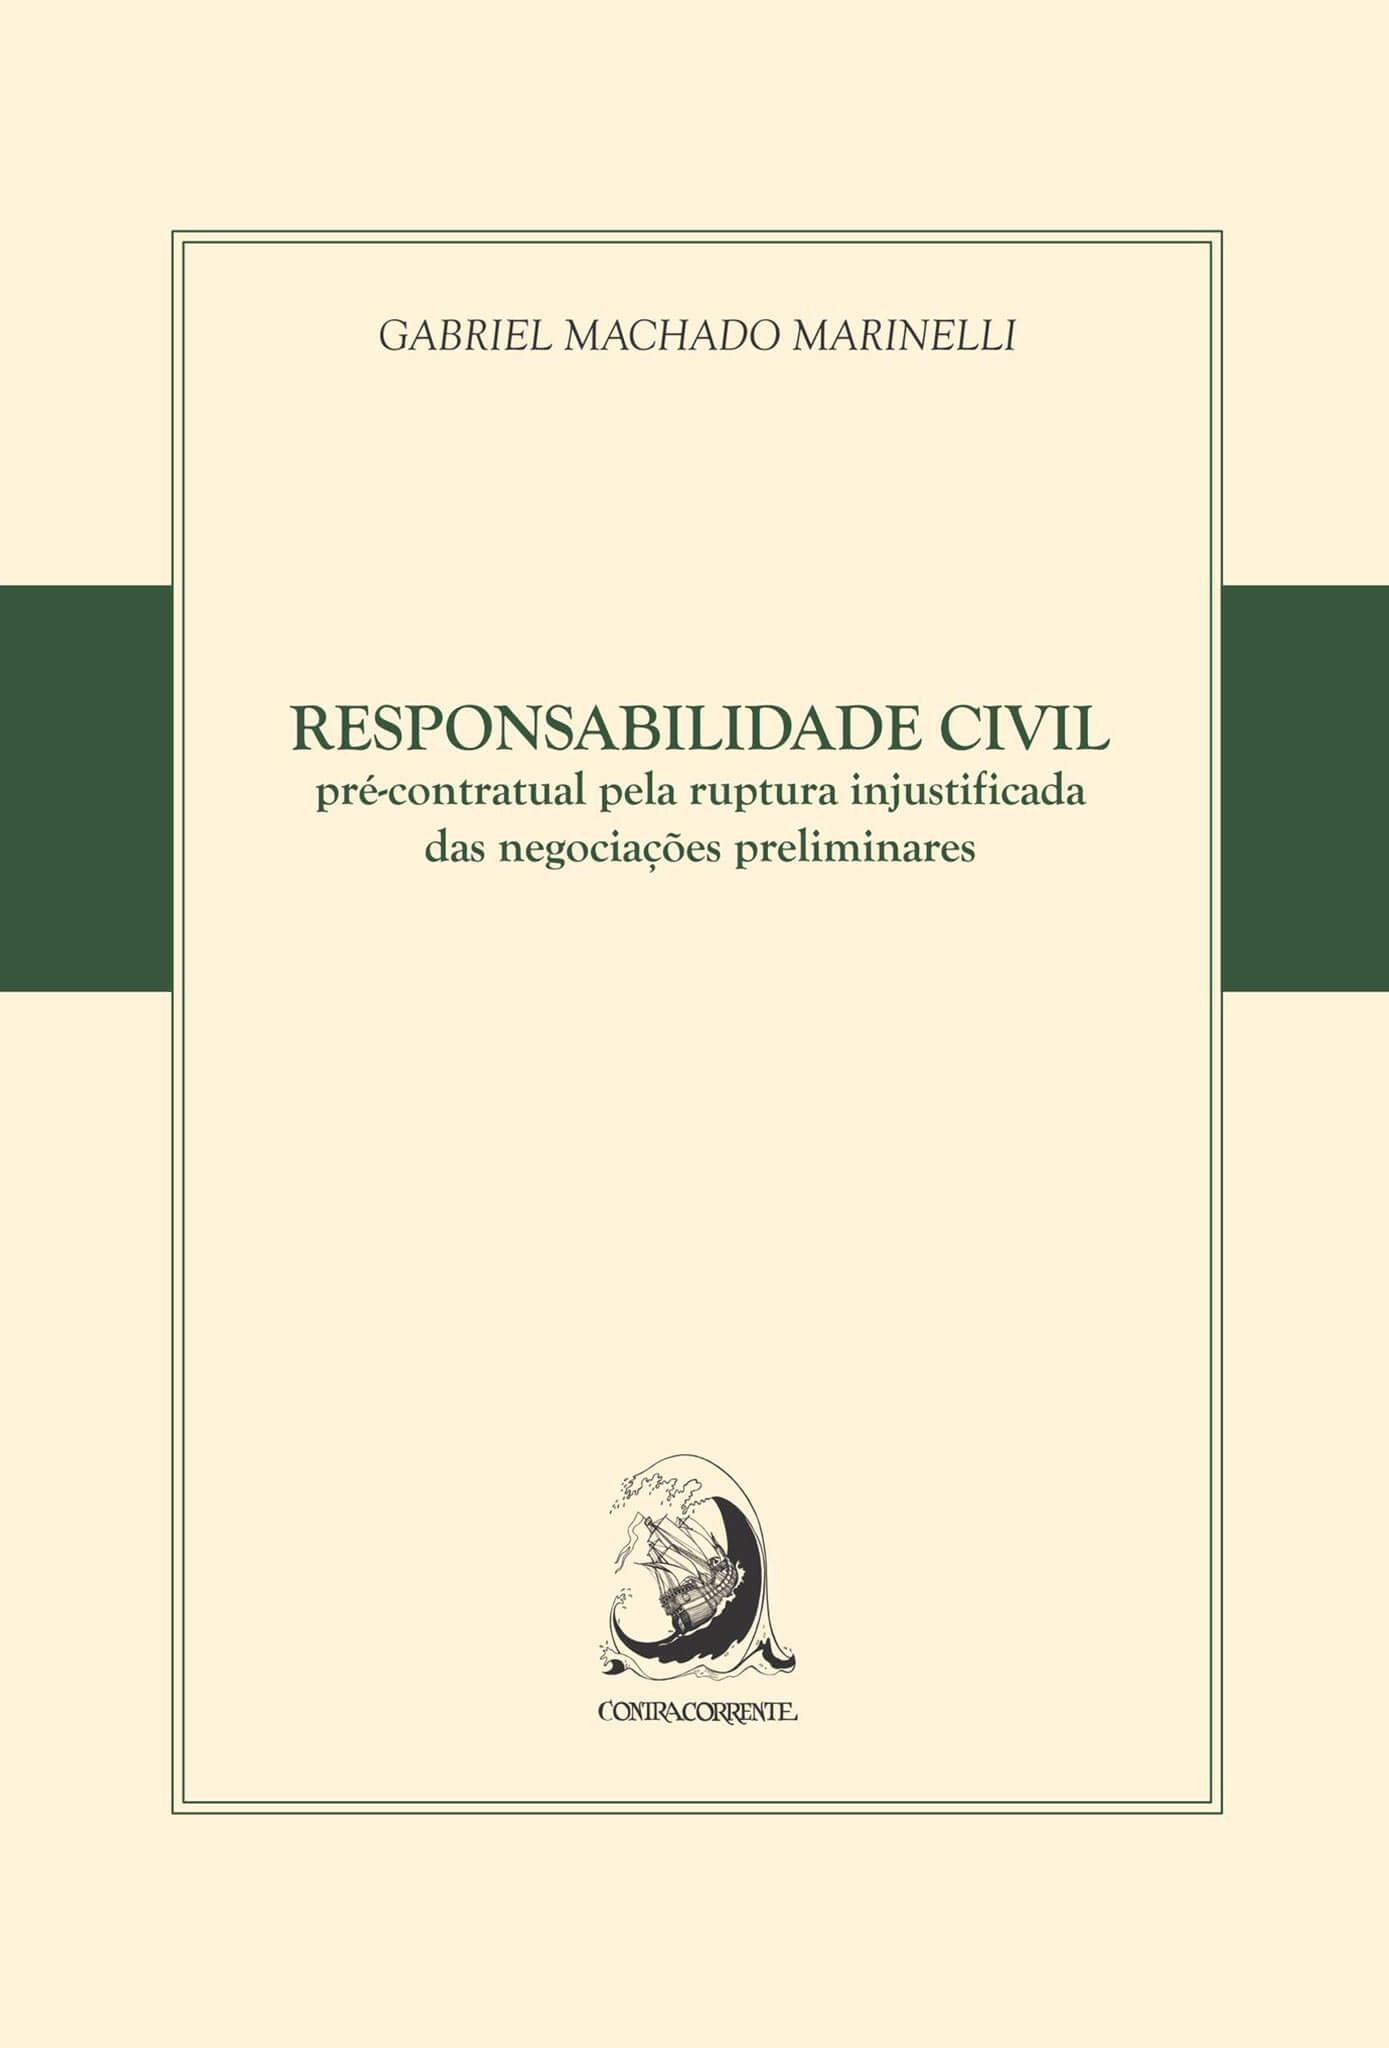 Responsabilidade civil pré-contratual pela ruptura injustificada das negociações preliminares, livro de Gabriel Machado Marinelli